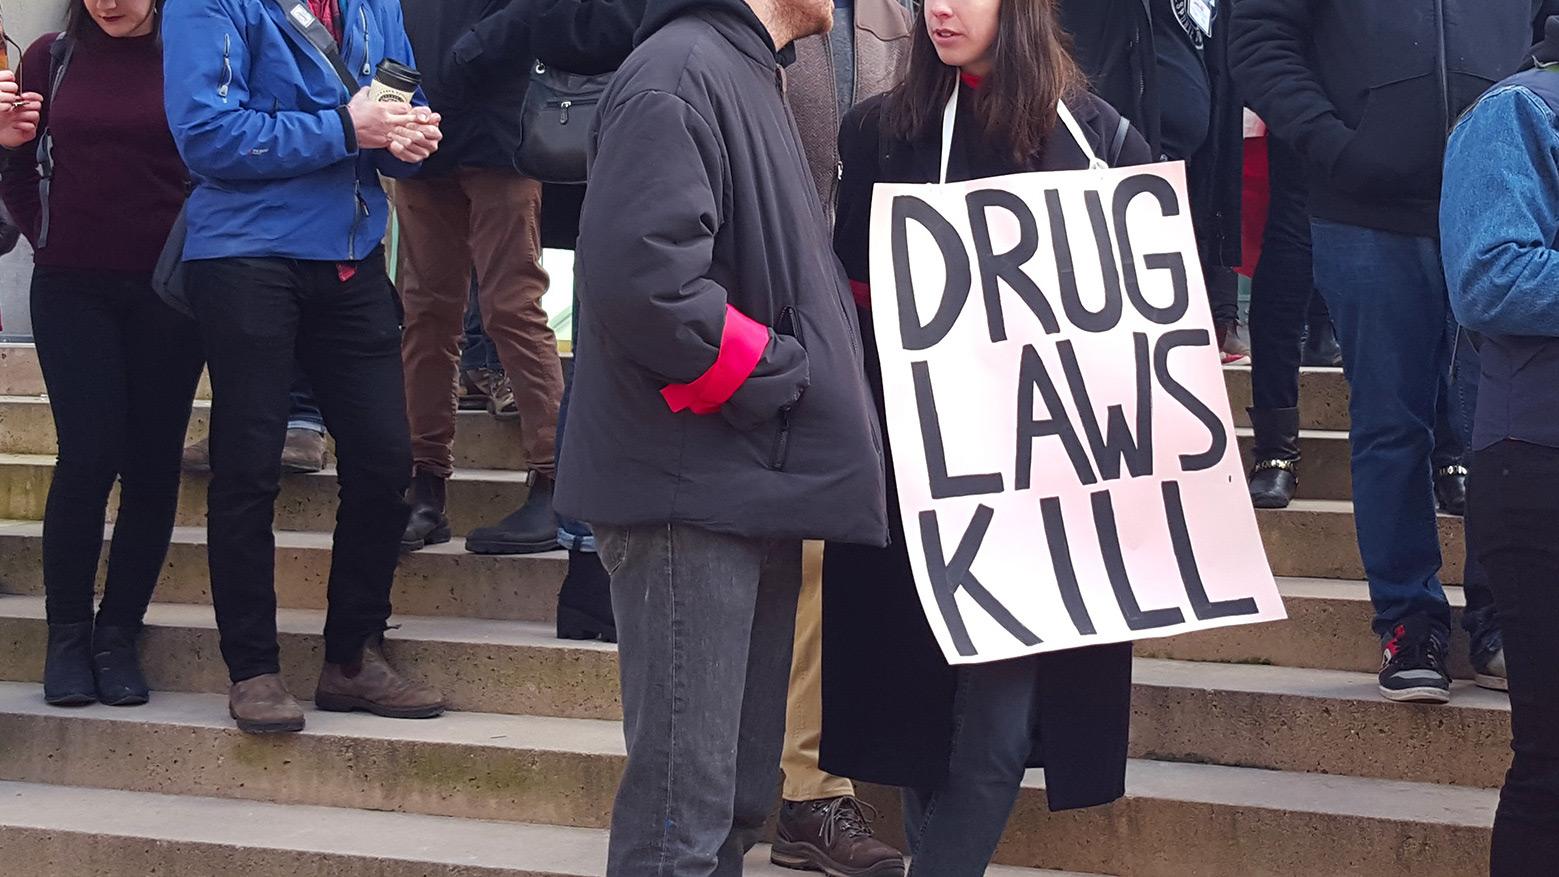 Police chiefs urge decriminalization of drug possession; policy experts urge faster, broader reform